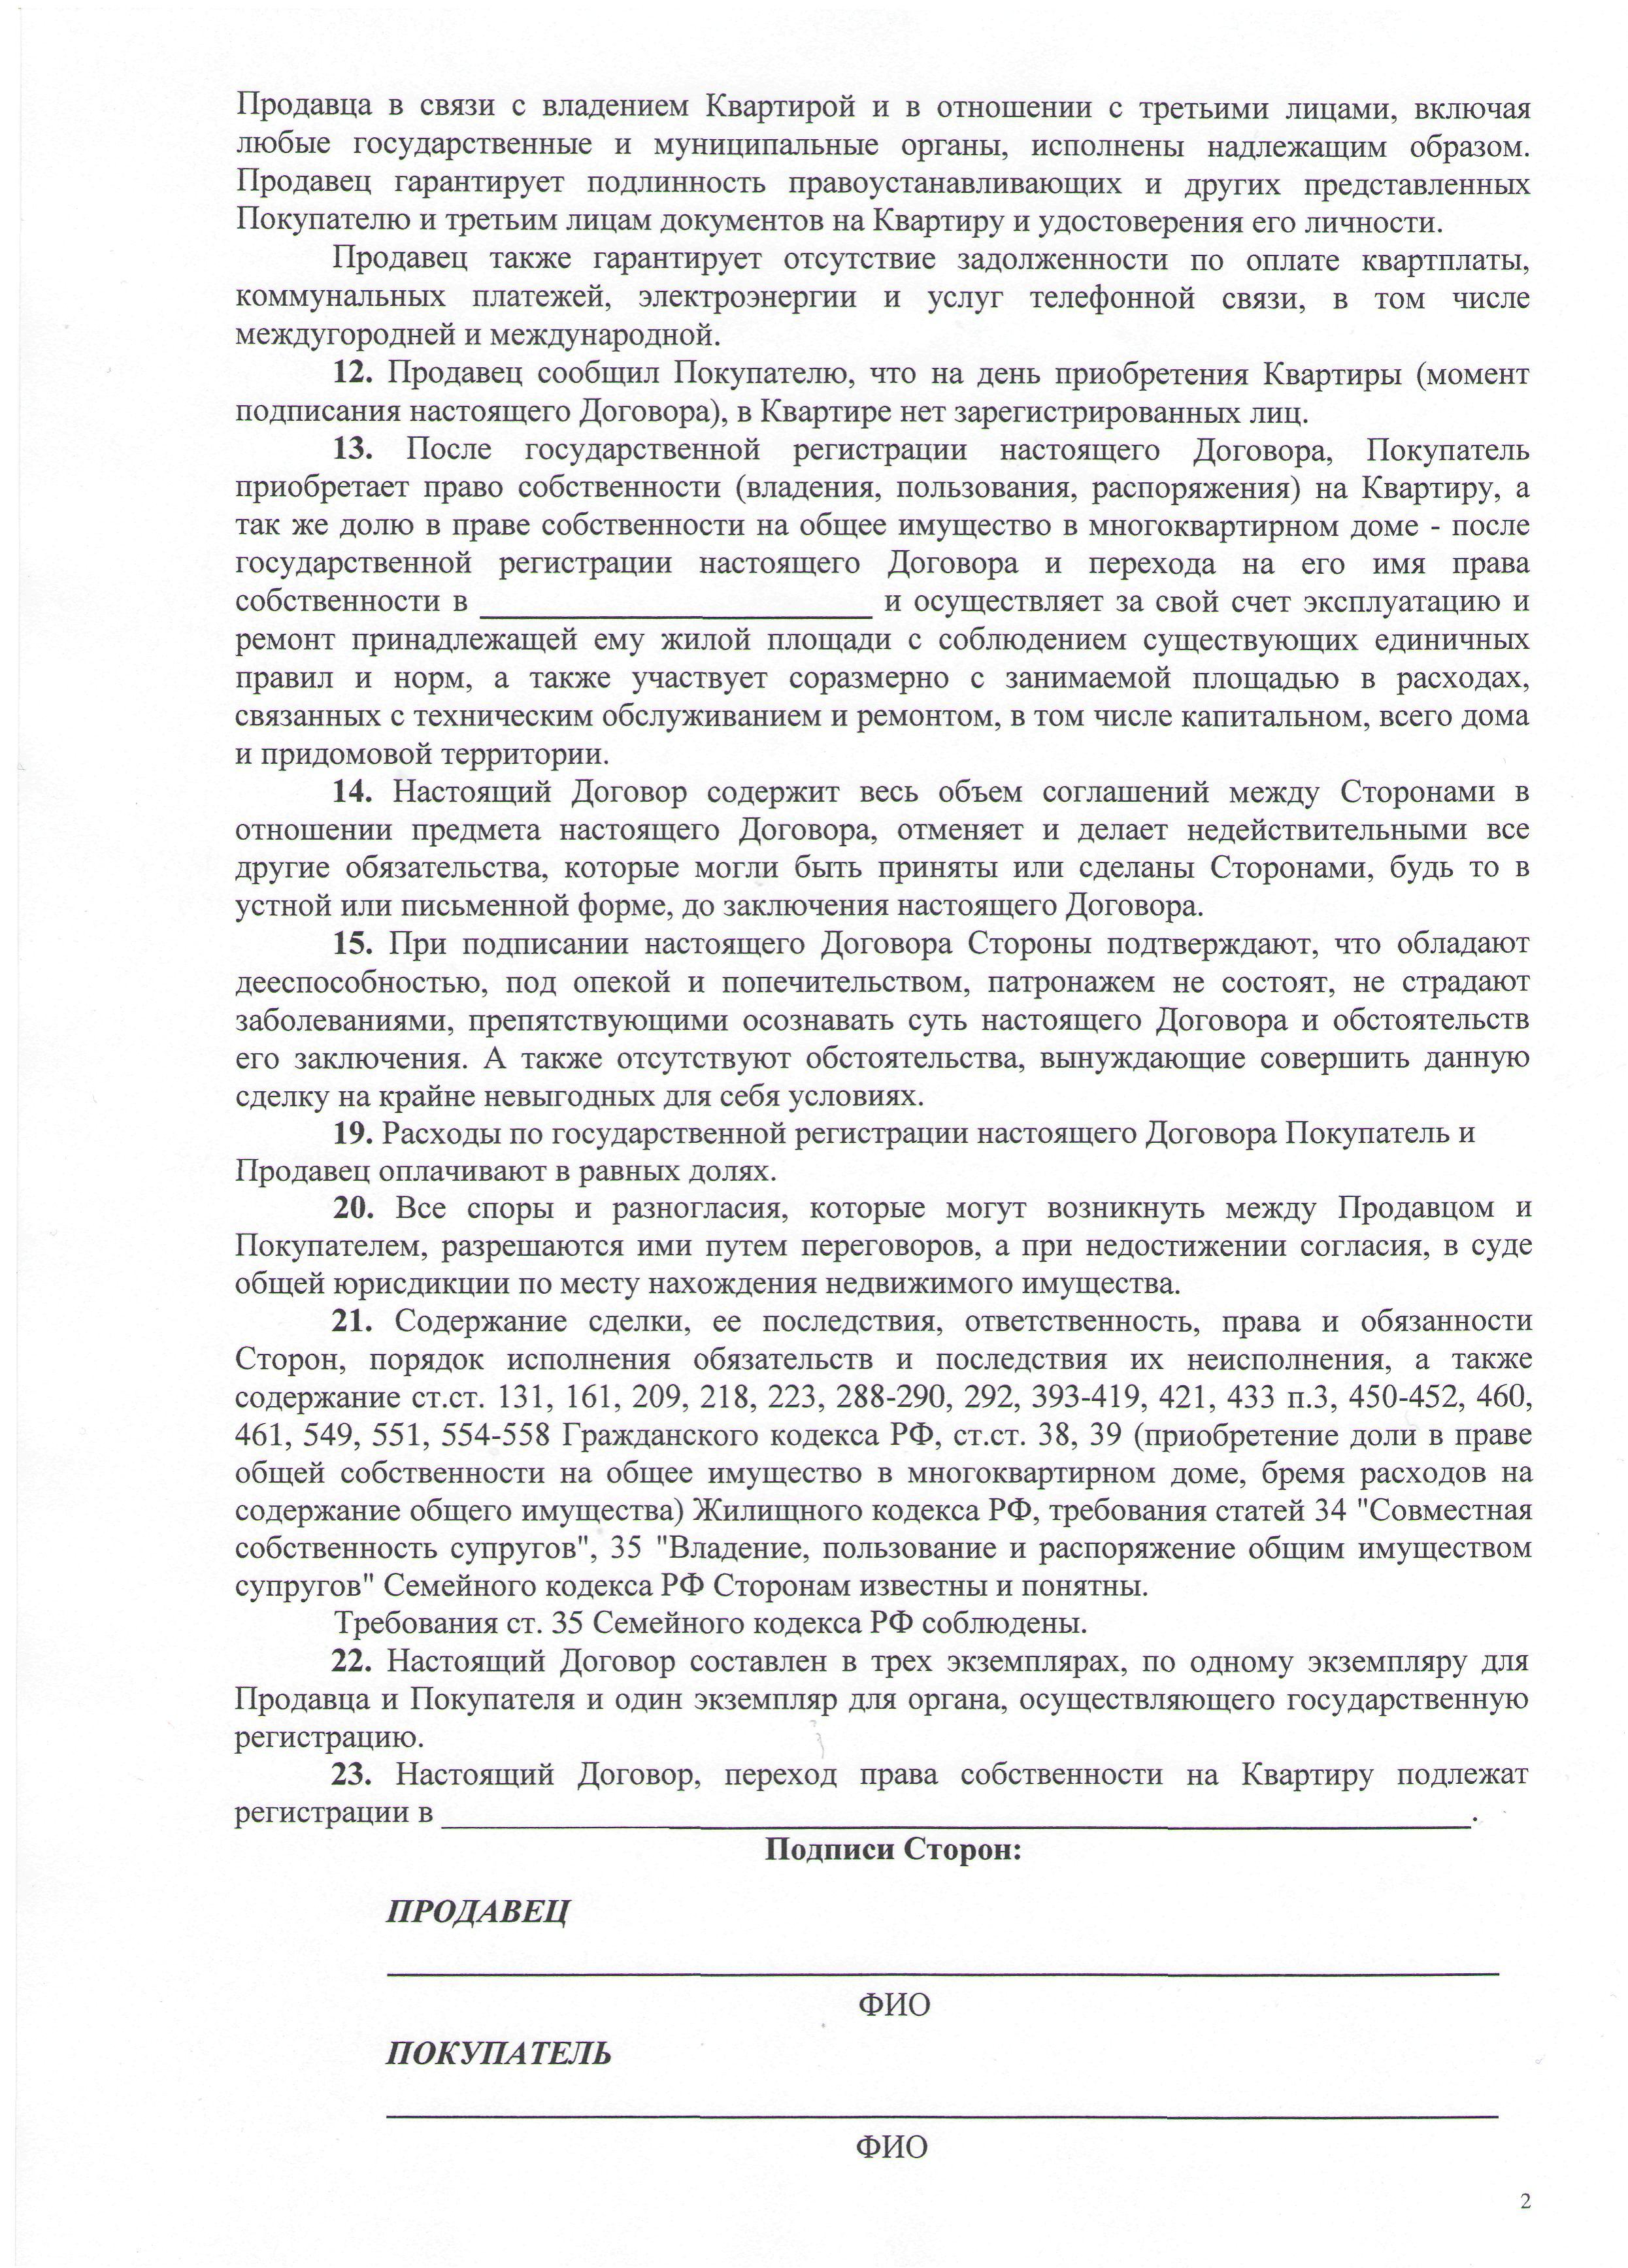 Образец договора купли - продажи квартиры  фото